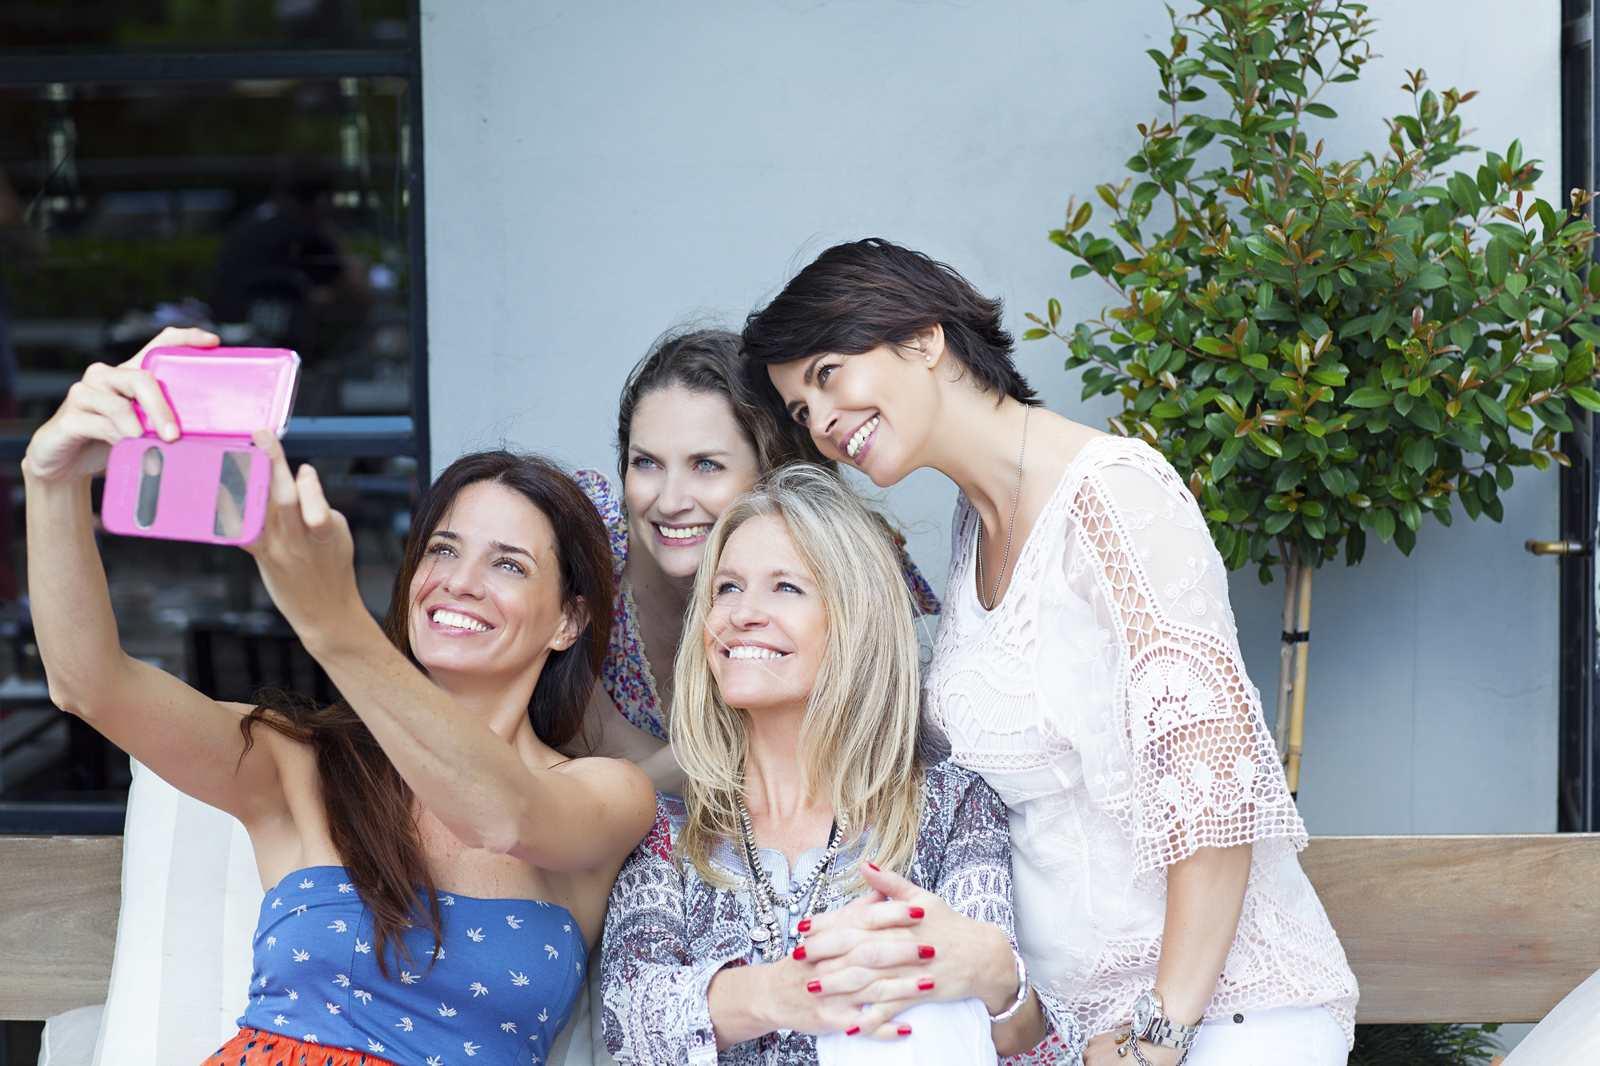 gruppo di amiche condividono un selfie